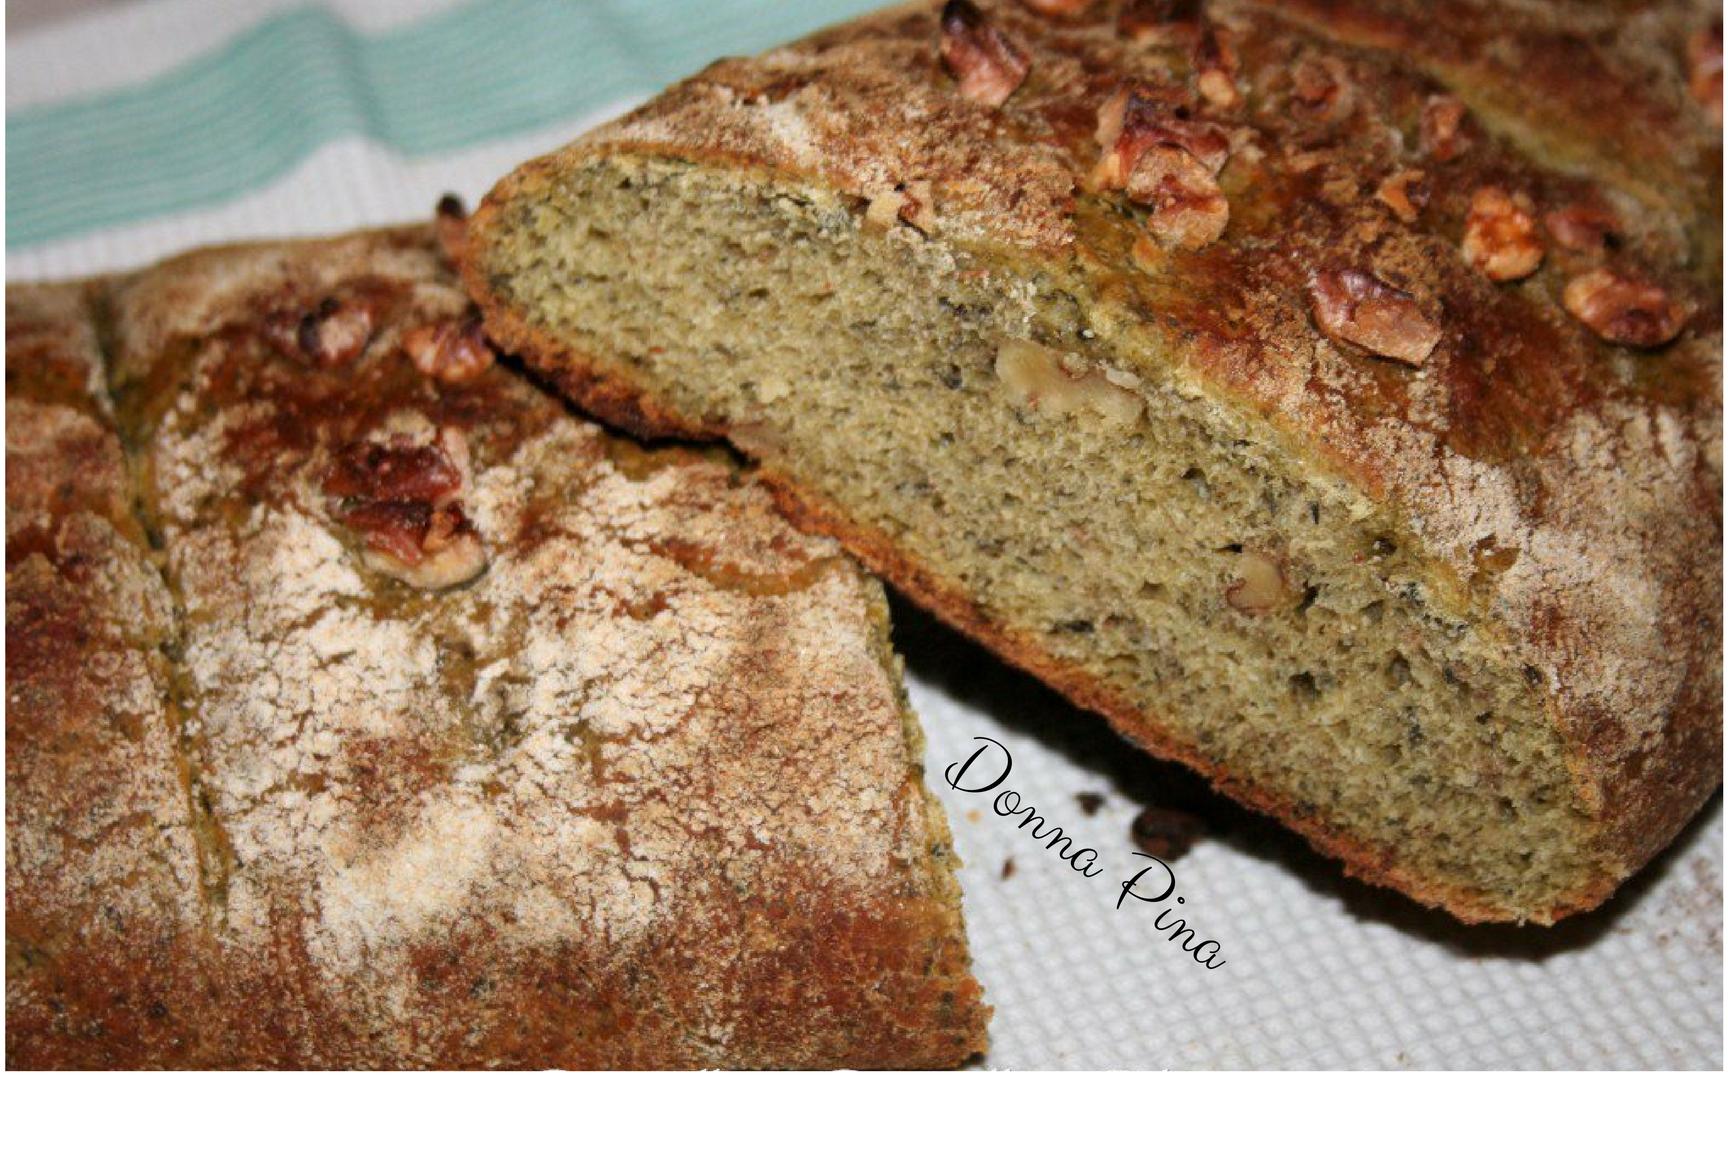 Filone di pane con verdure, frutta secca e spezie